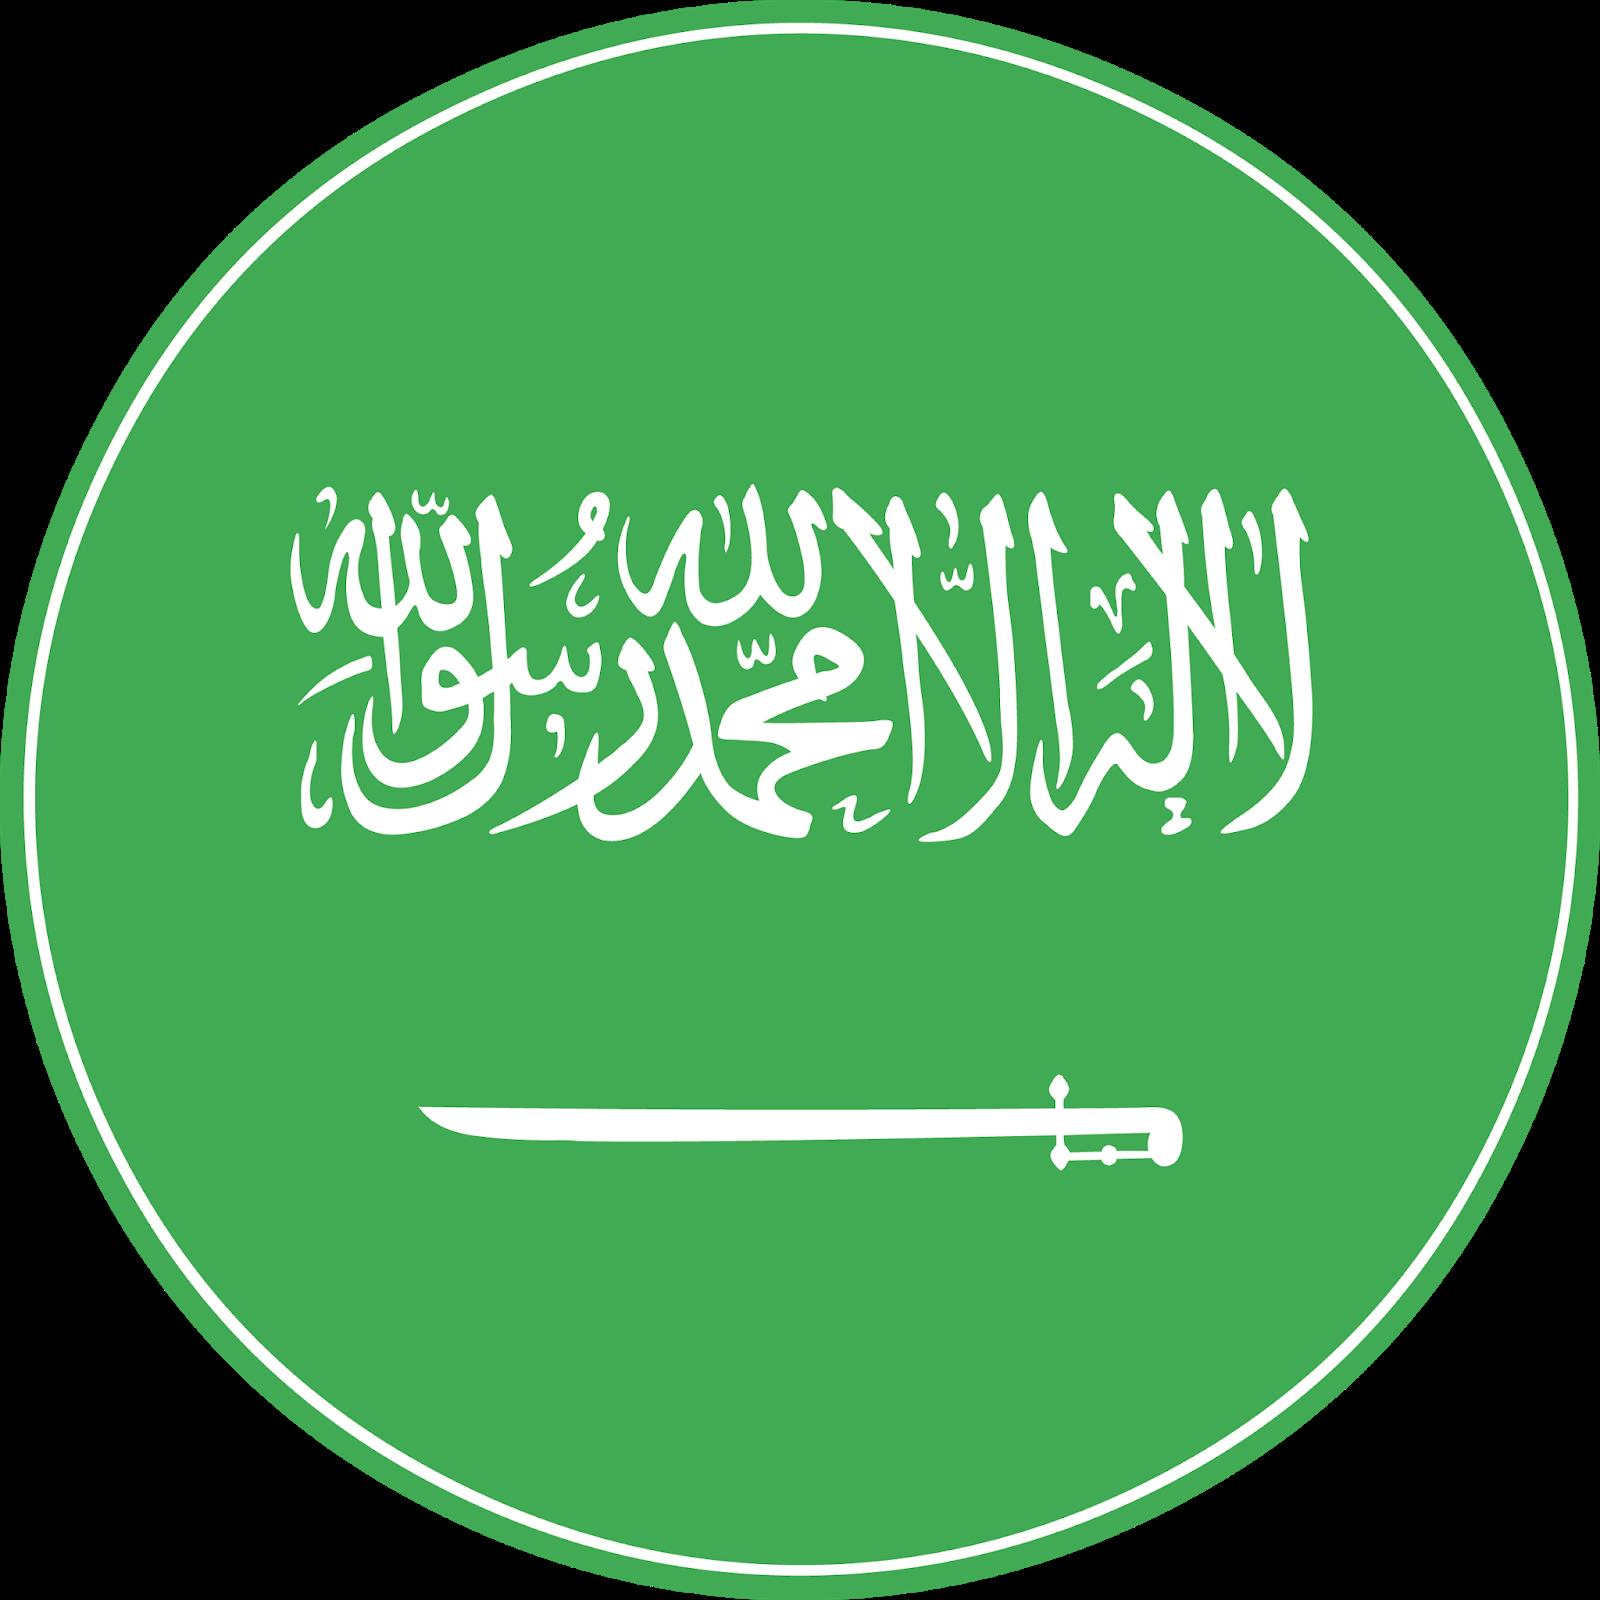 صور وخلفيات علم السعودية اجمل الصور لعلم السعودية 2018 الصور Saudi Arabia Flag Album Logos